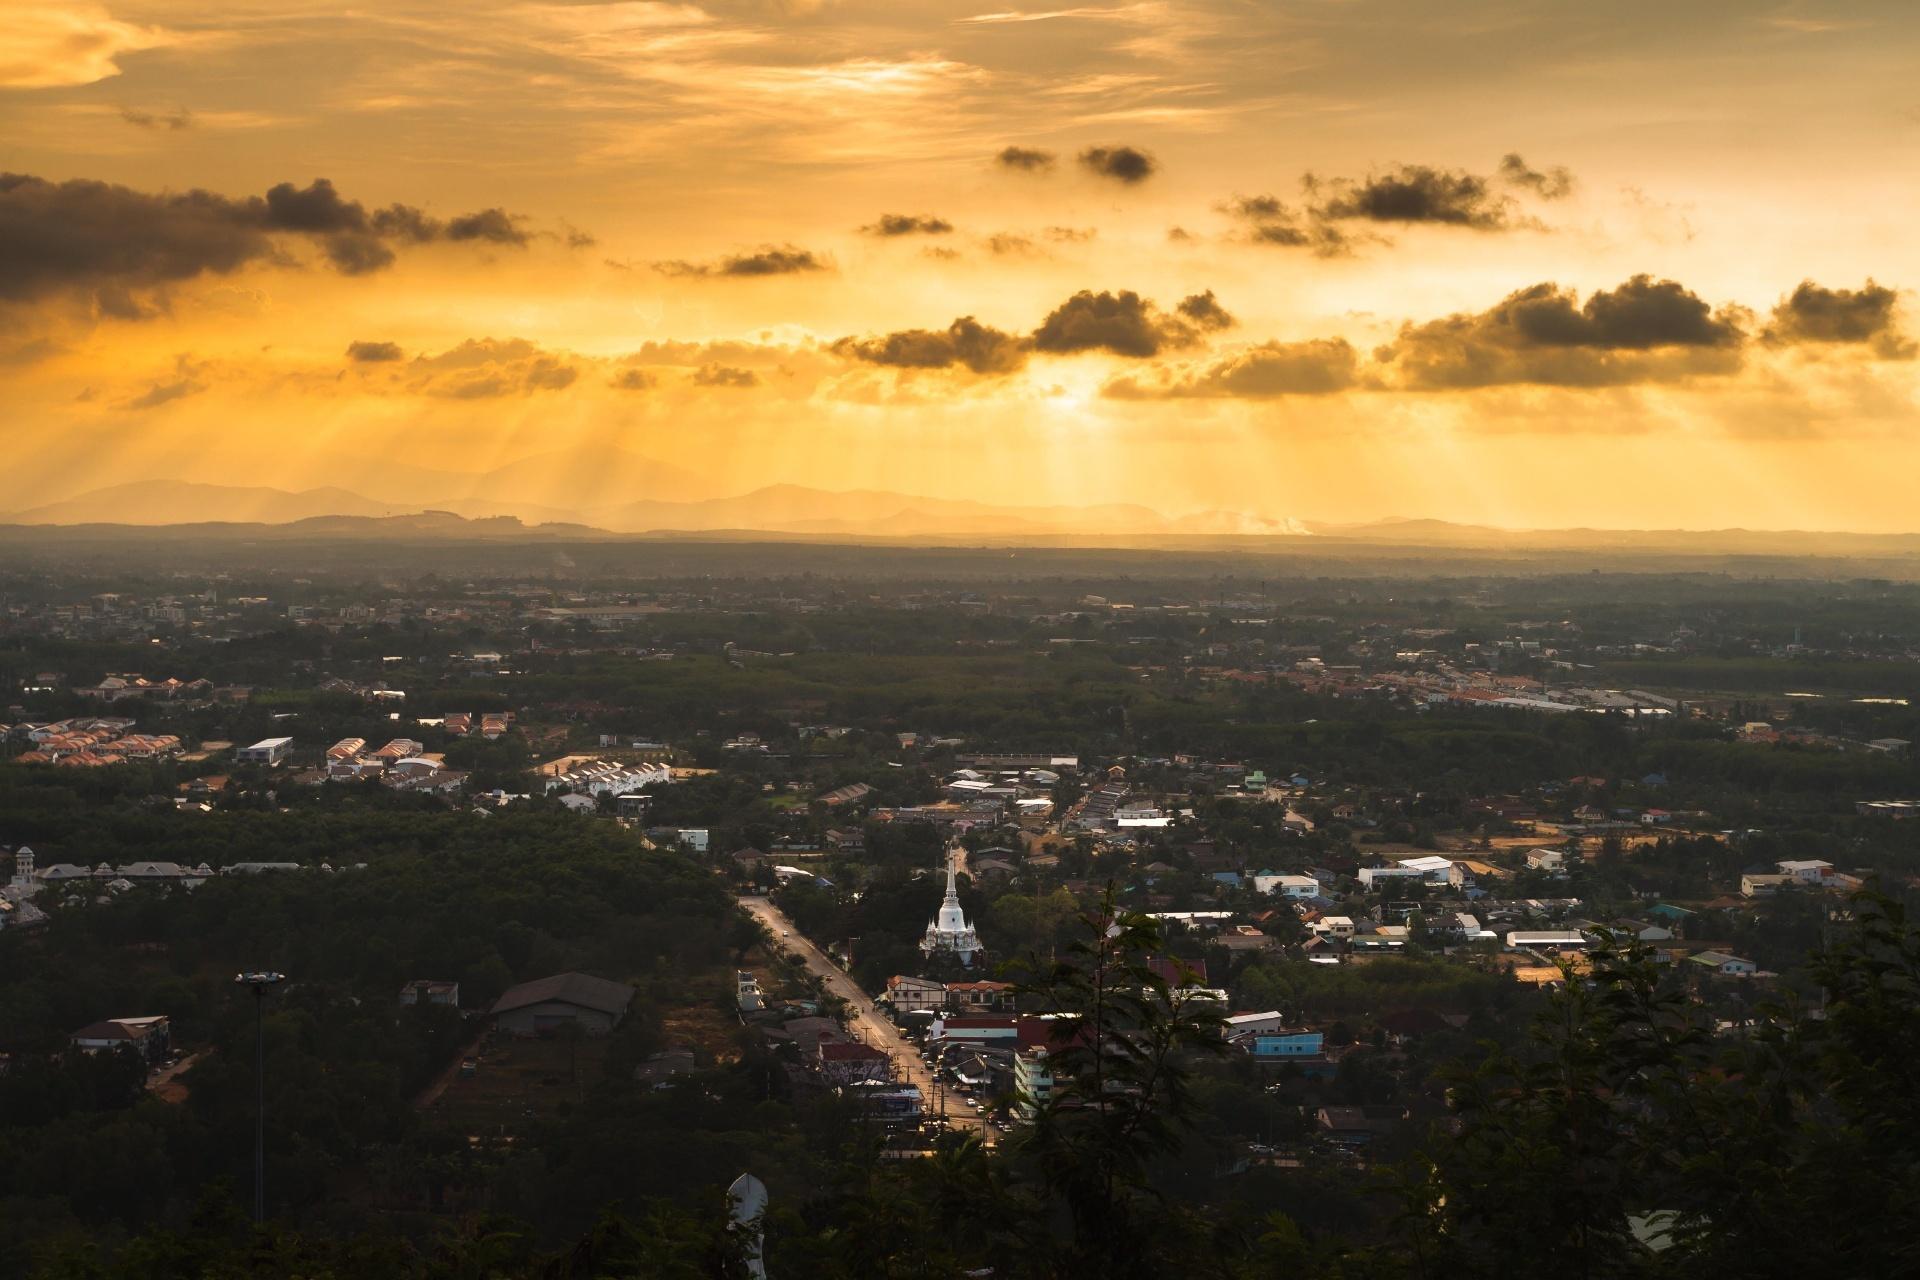 美しい夕暮れの風景 タイの風景